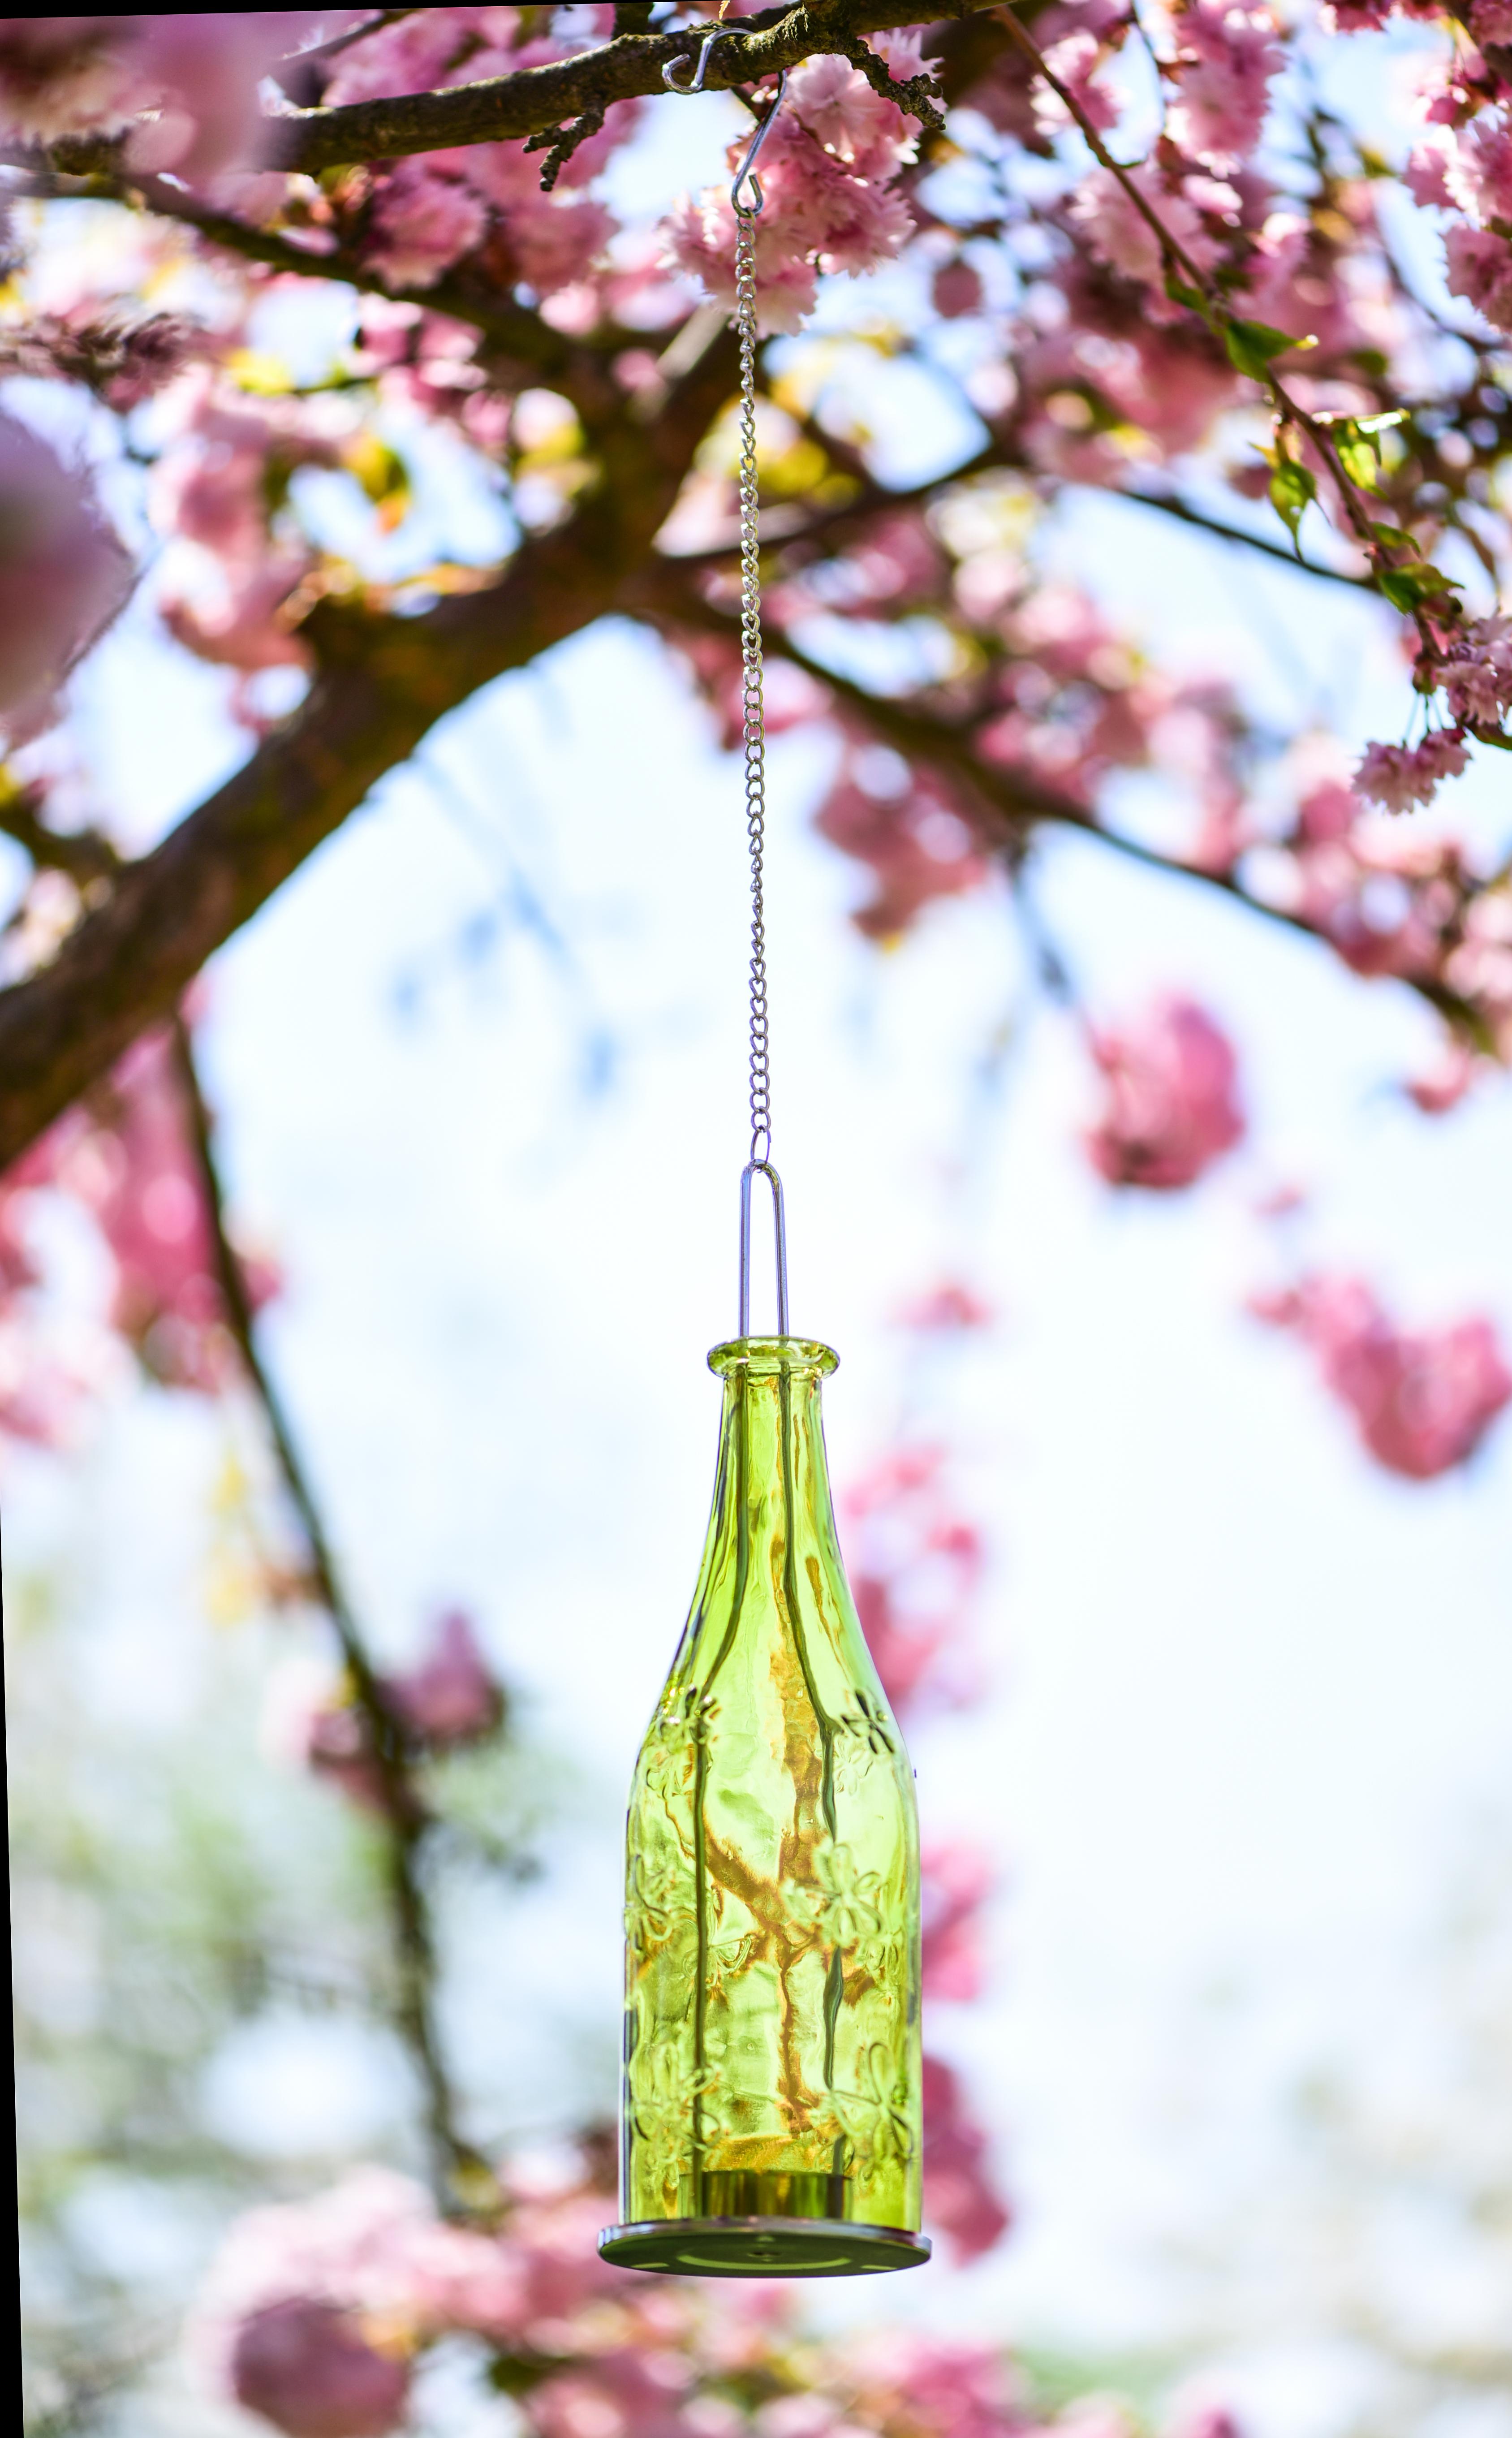 Barevná lahev závěsný svícen  zelený